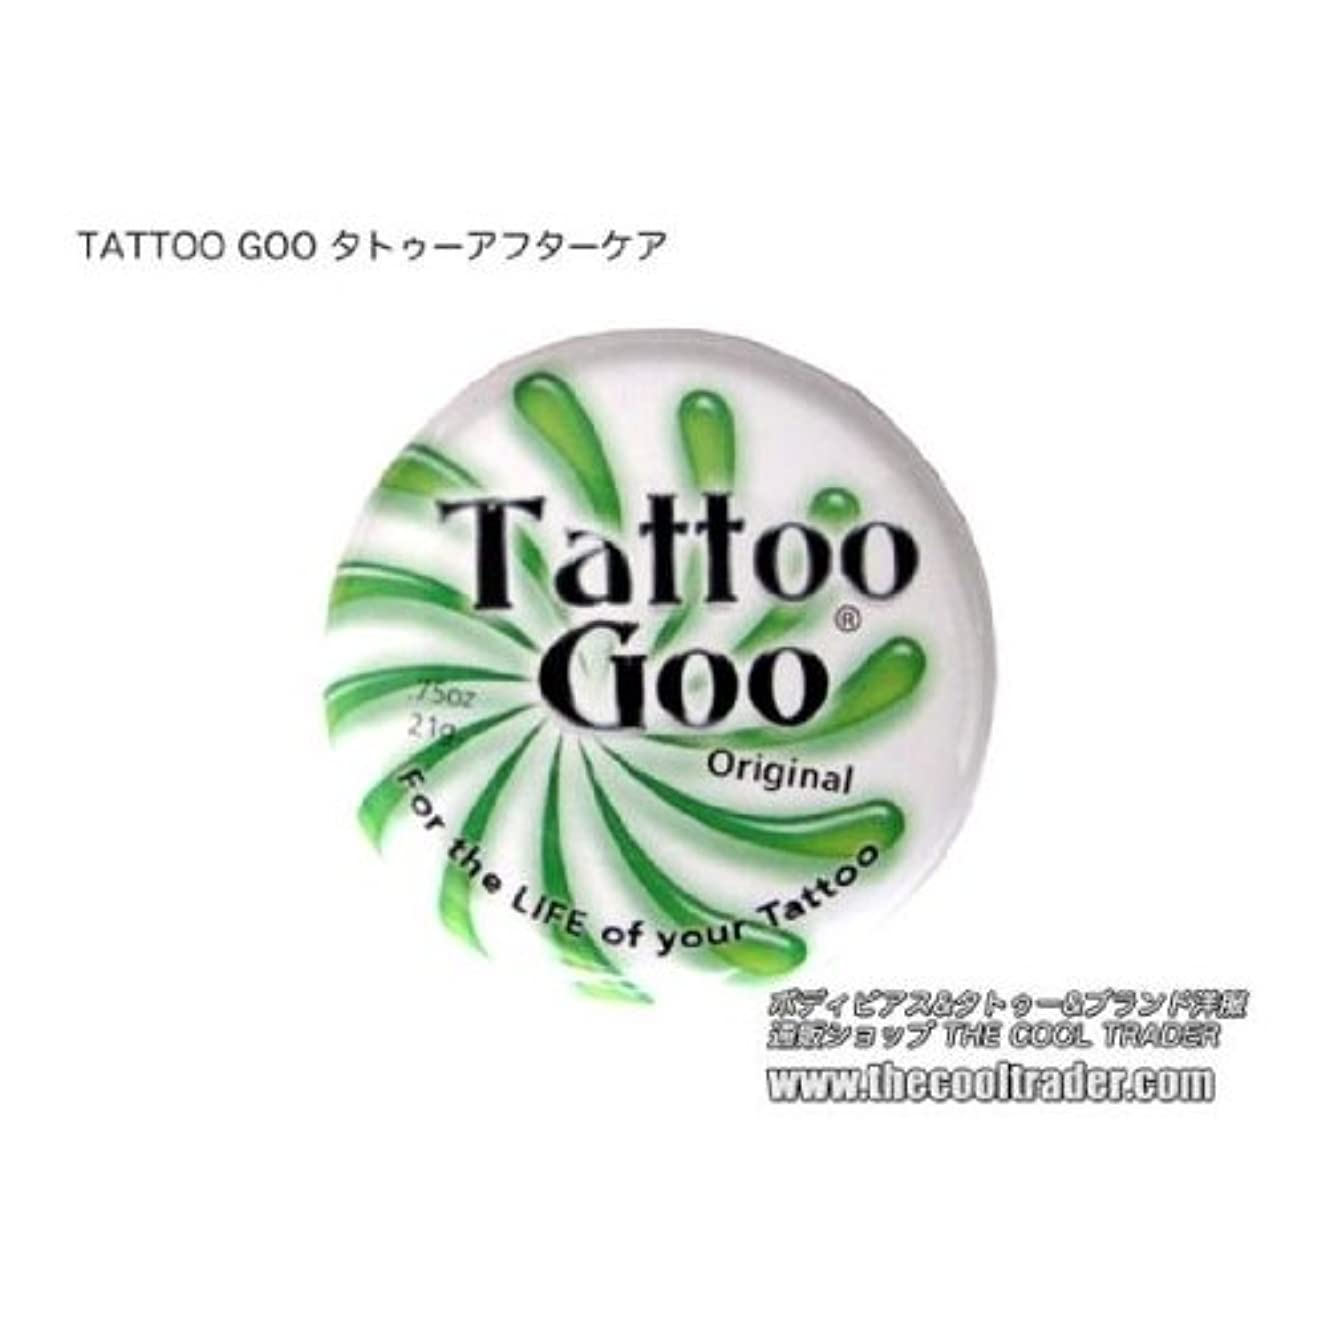 検査誘惑する滞在TATTOO GOO タトゥー&ボディピアス専用アフターケア 軟膏クリーム オリジナル